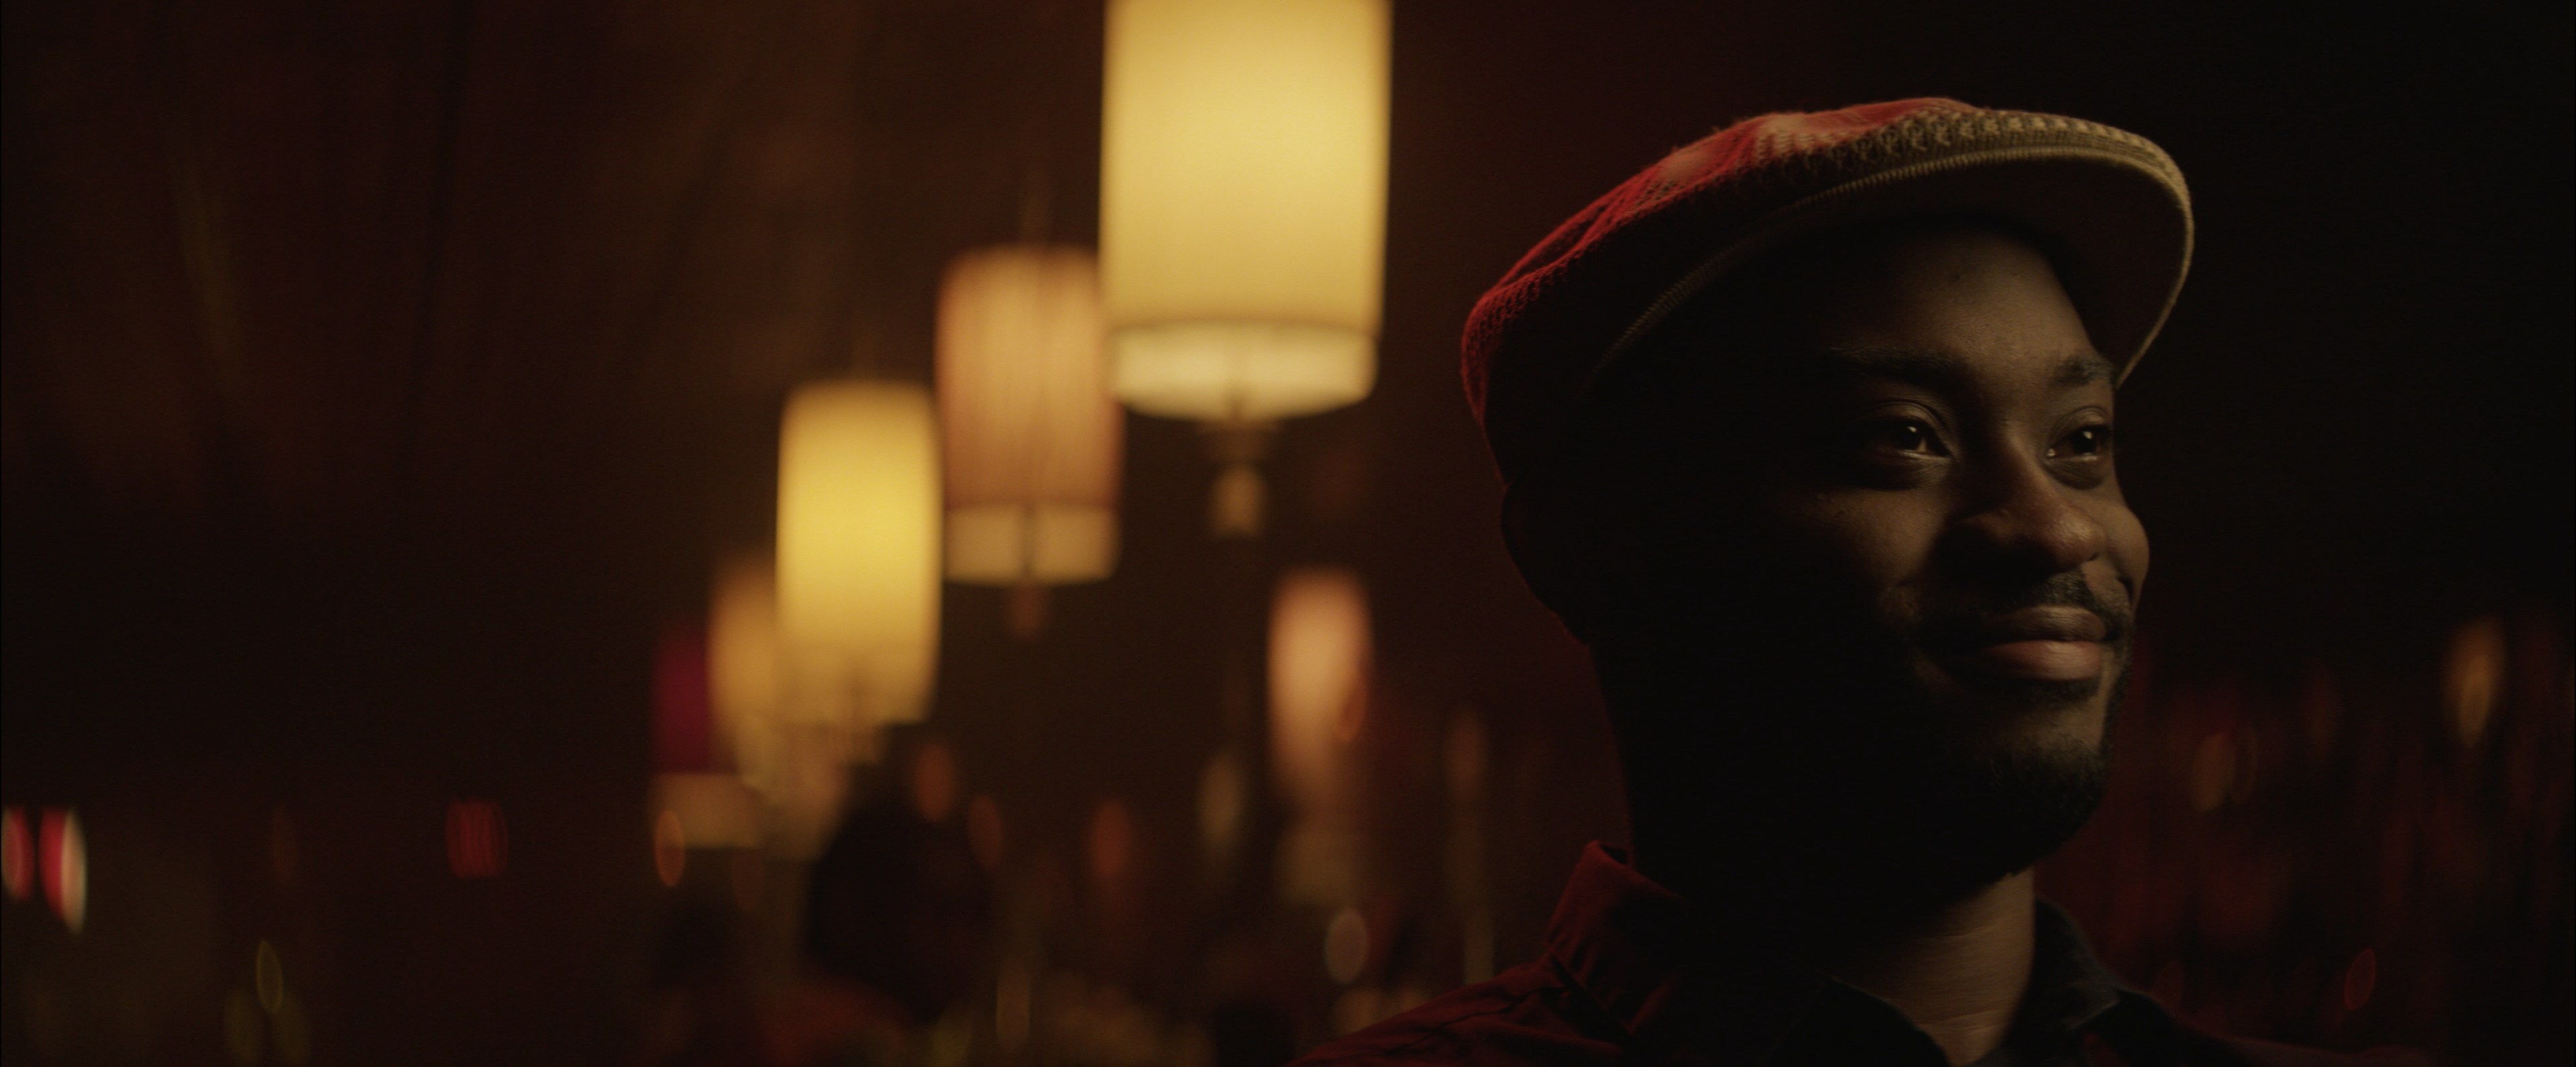 Filmmaker Friday Featuring Filmmaker Morgan Cooper 6